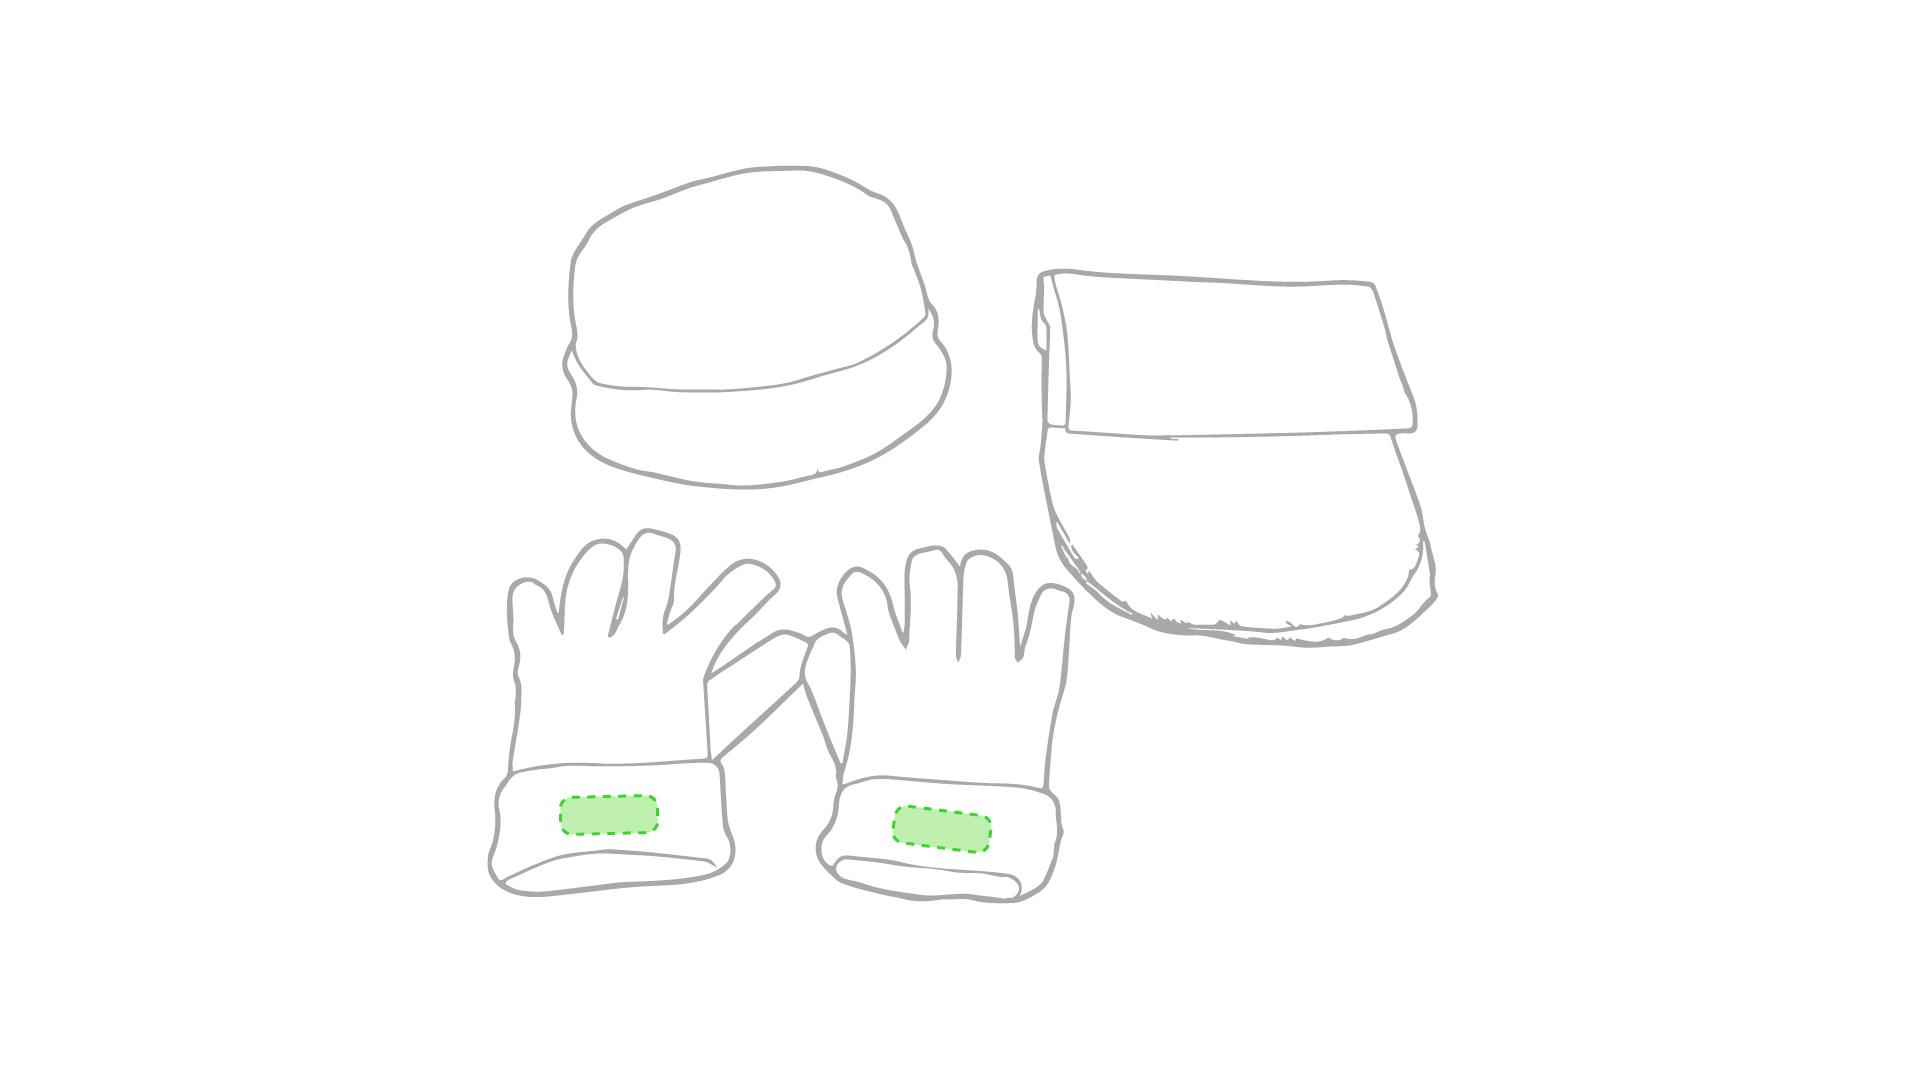 En el puño de ambos guantes